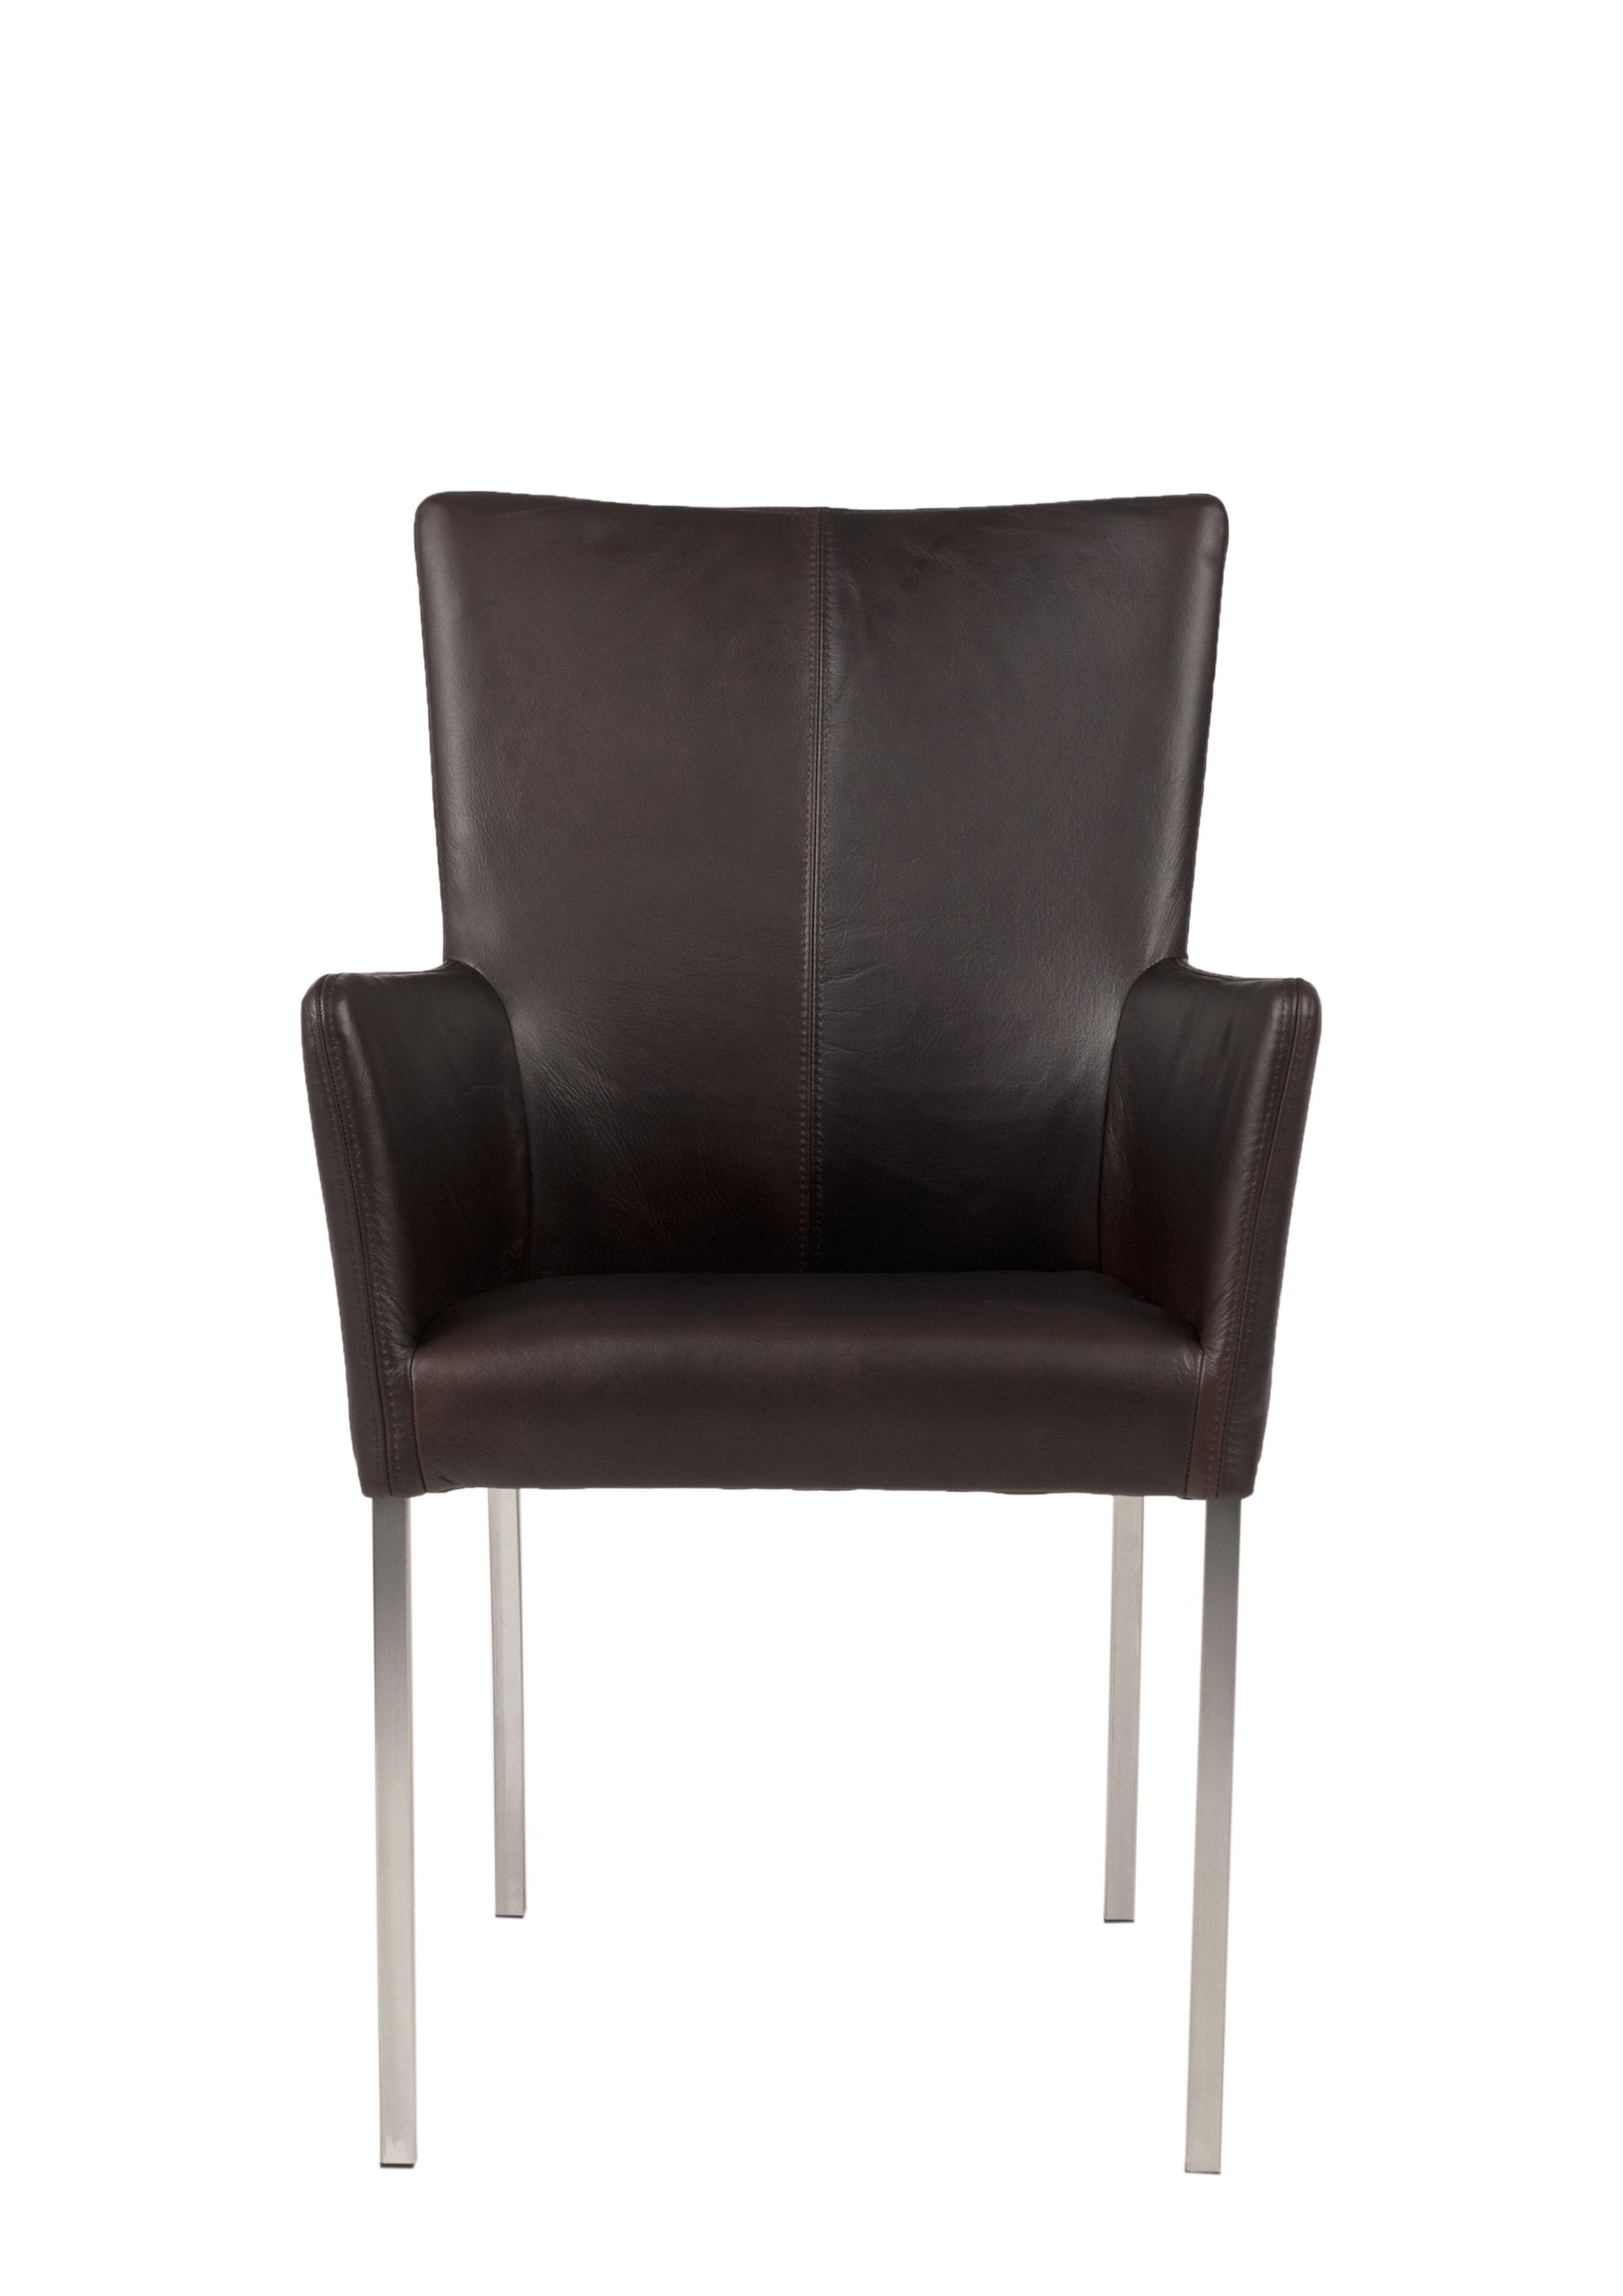 teppiche m bel online kaufen decopoint online shop sessel edelstahl buffalo leder silber. Black Bedroom Furniture Sets. Home Design Ideas